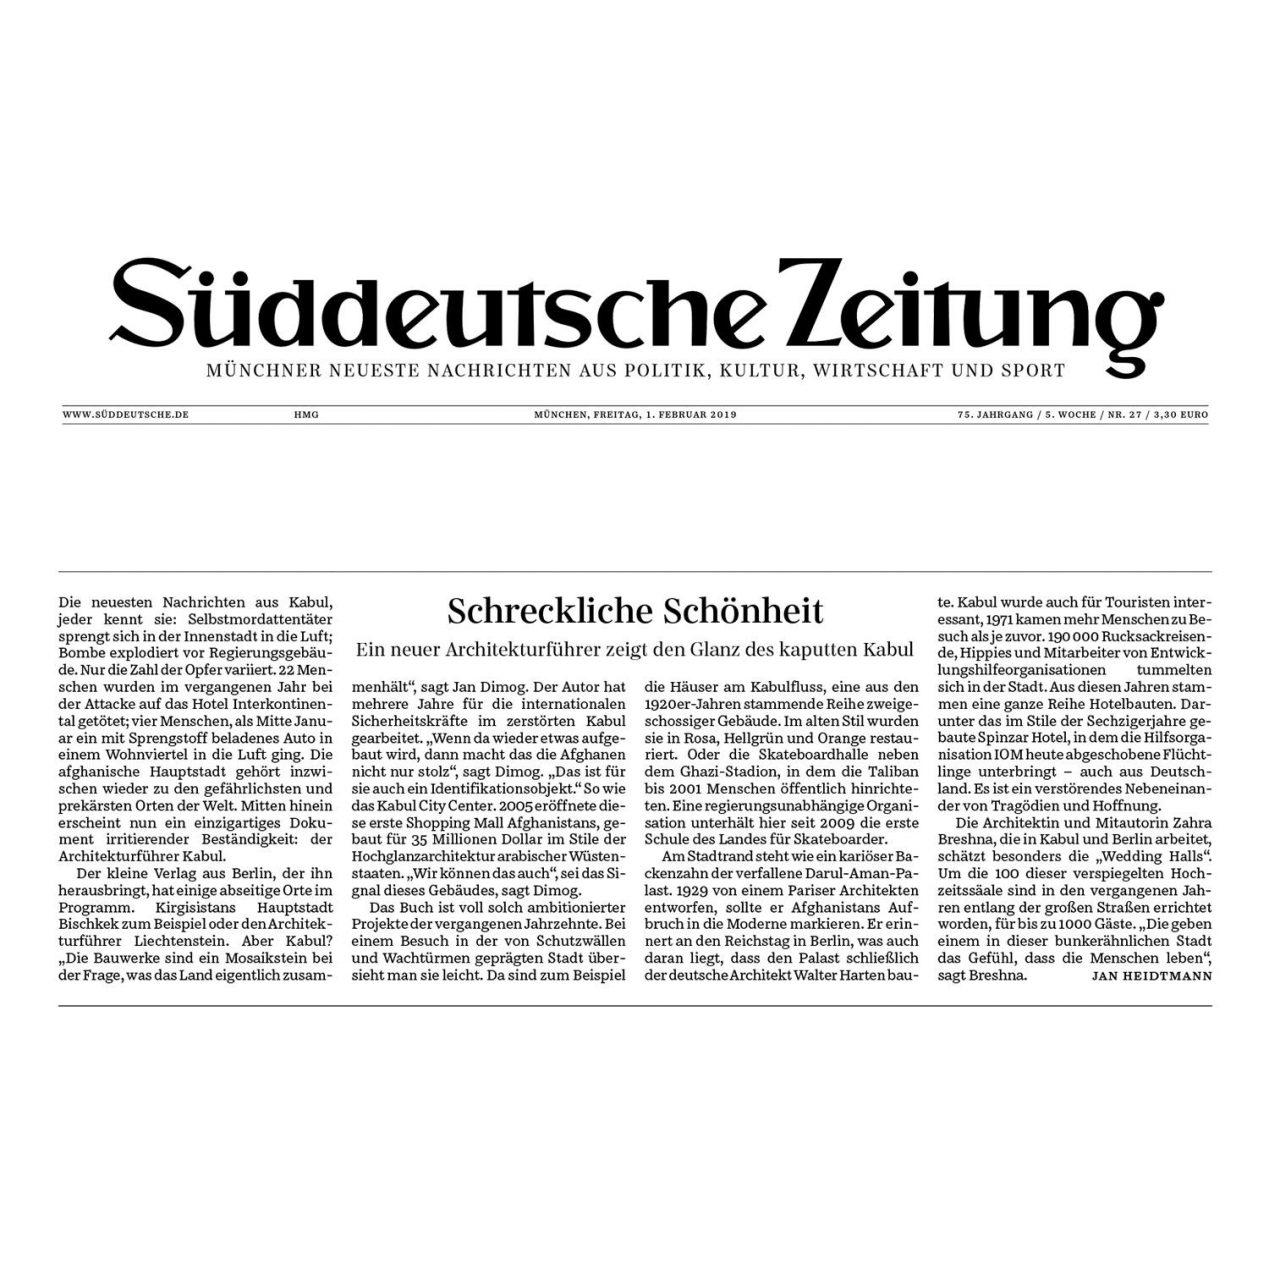 """Süddeutsche Zeitung. """"Schreckliche Schönheit"""": Artikel über den Architekturführer Kabul von Jan Dimog"""